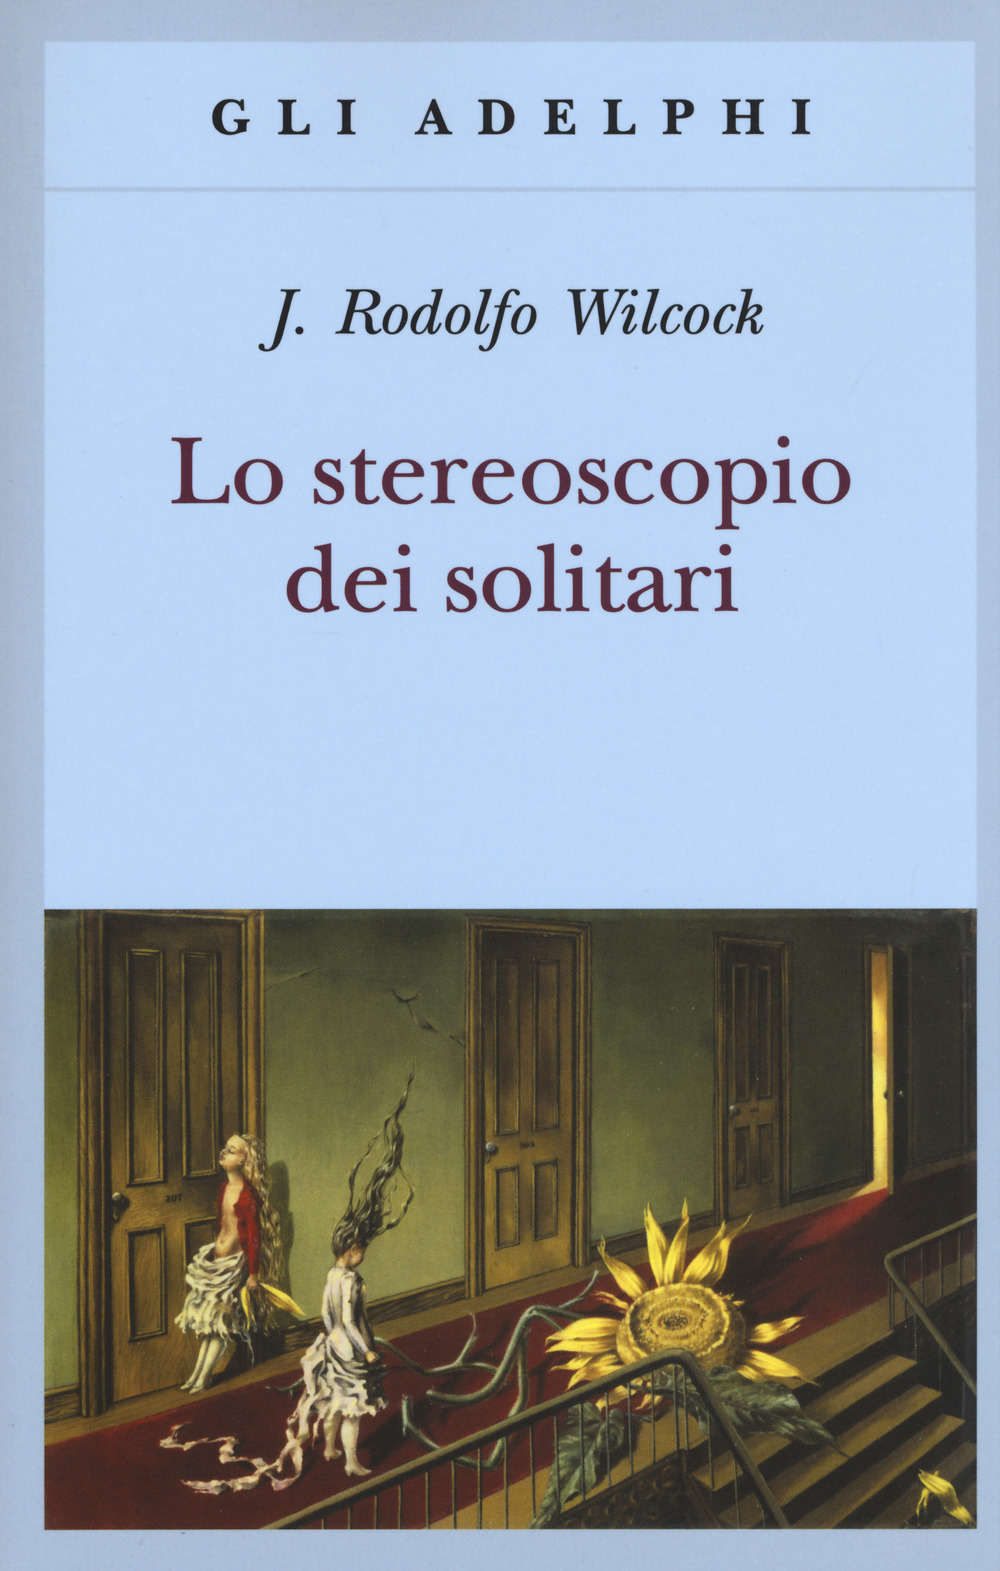 Lo stereoscopio dei solitari